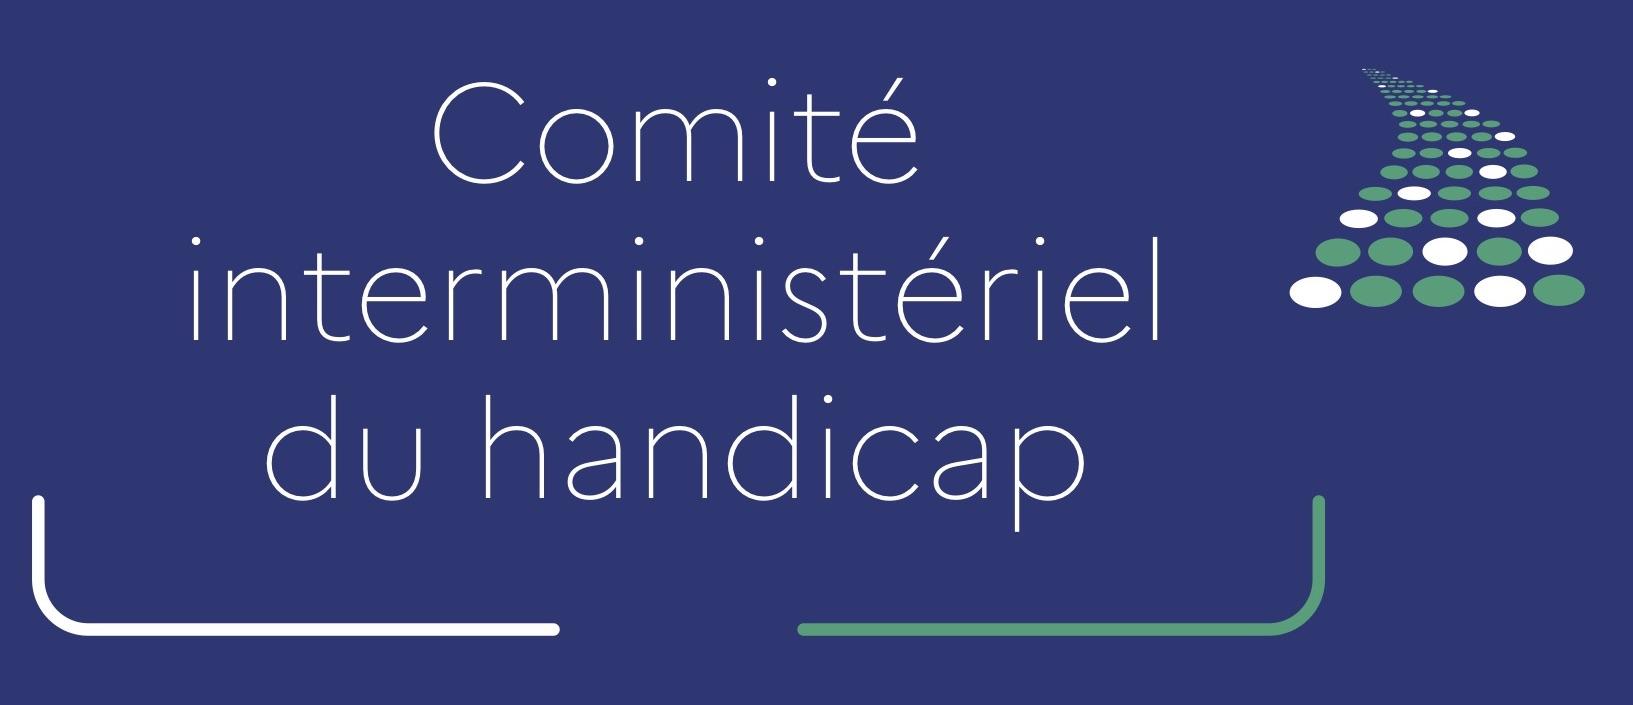 You are currently viewing 16-11-2020 : Dossier de presse du comité interministériel du handicap 2020